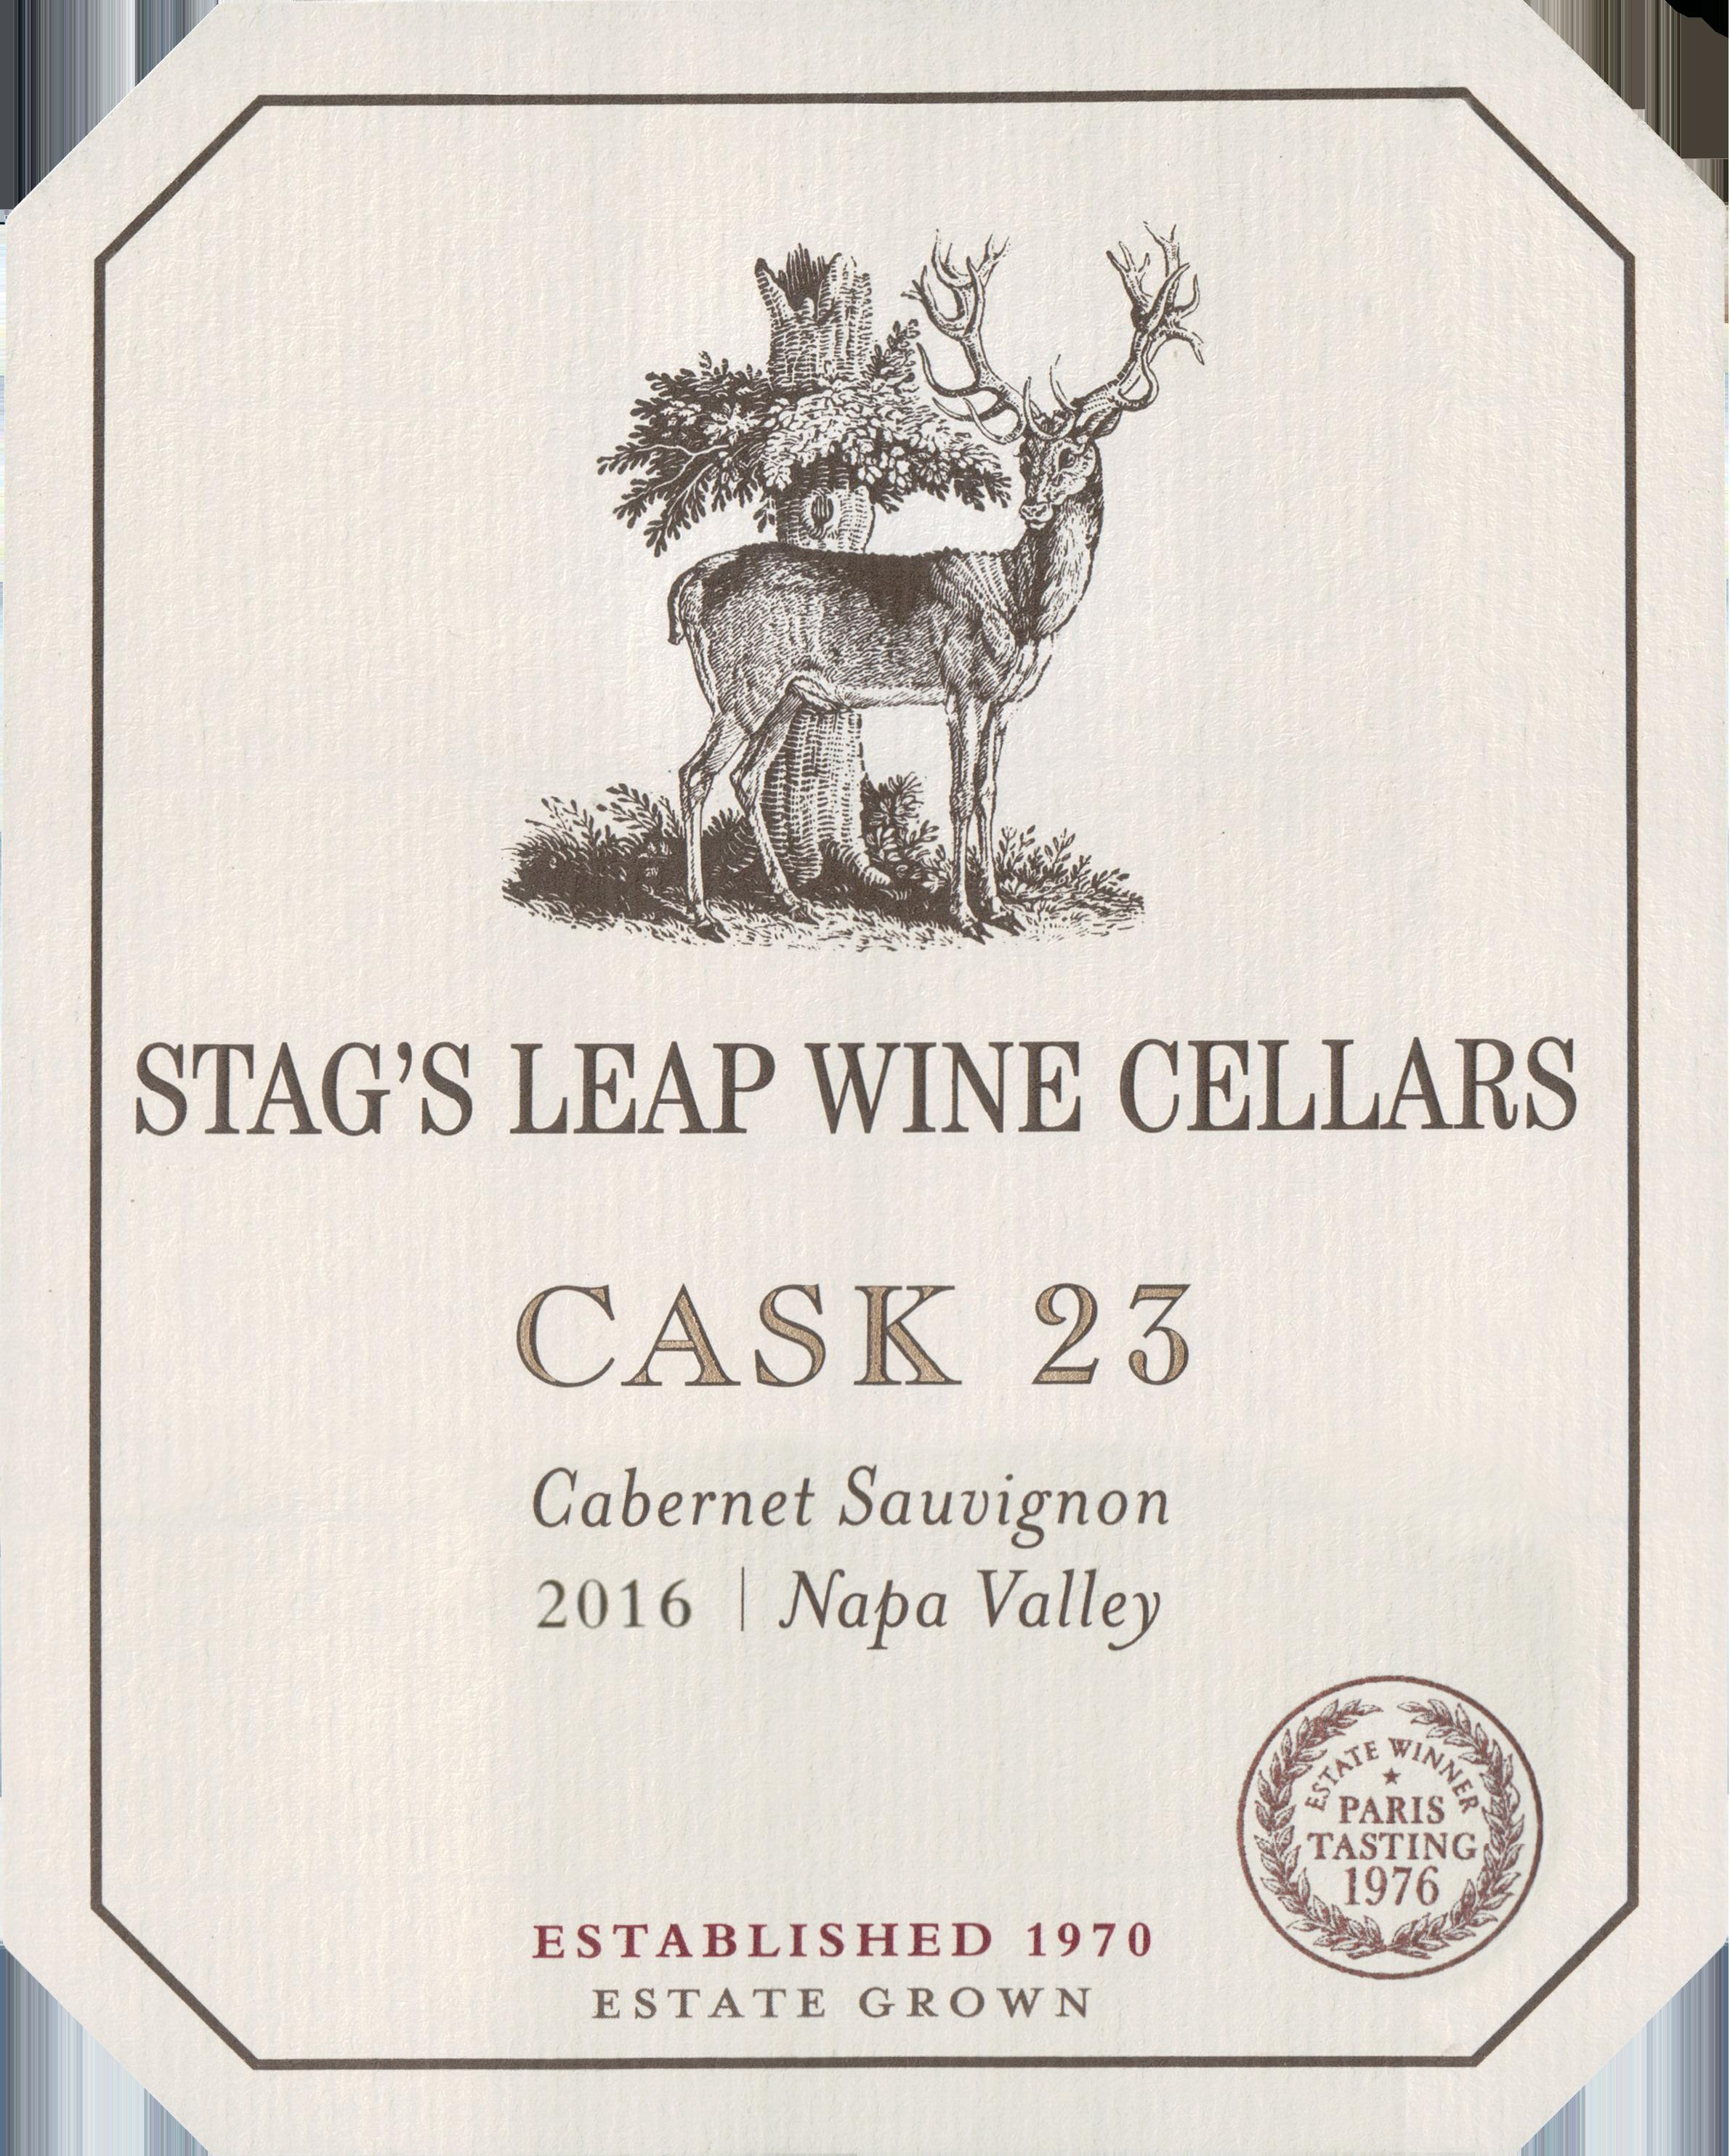 Stags Leap Cask 23 Cabernet Sauvignon 2016